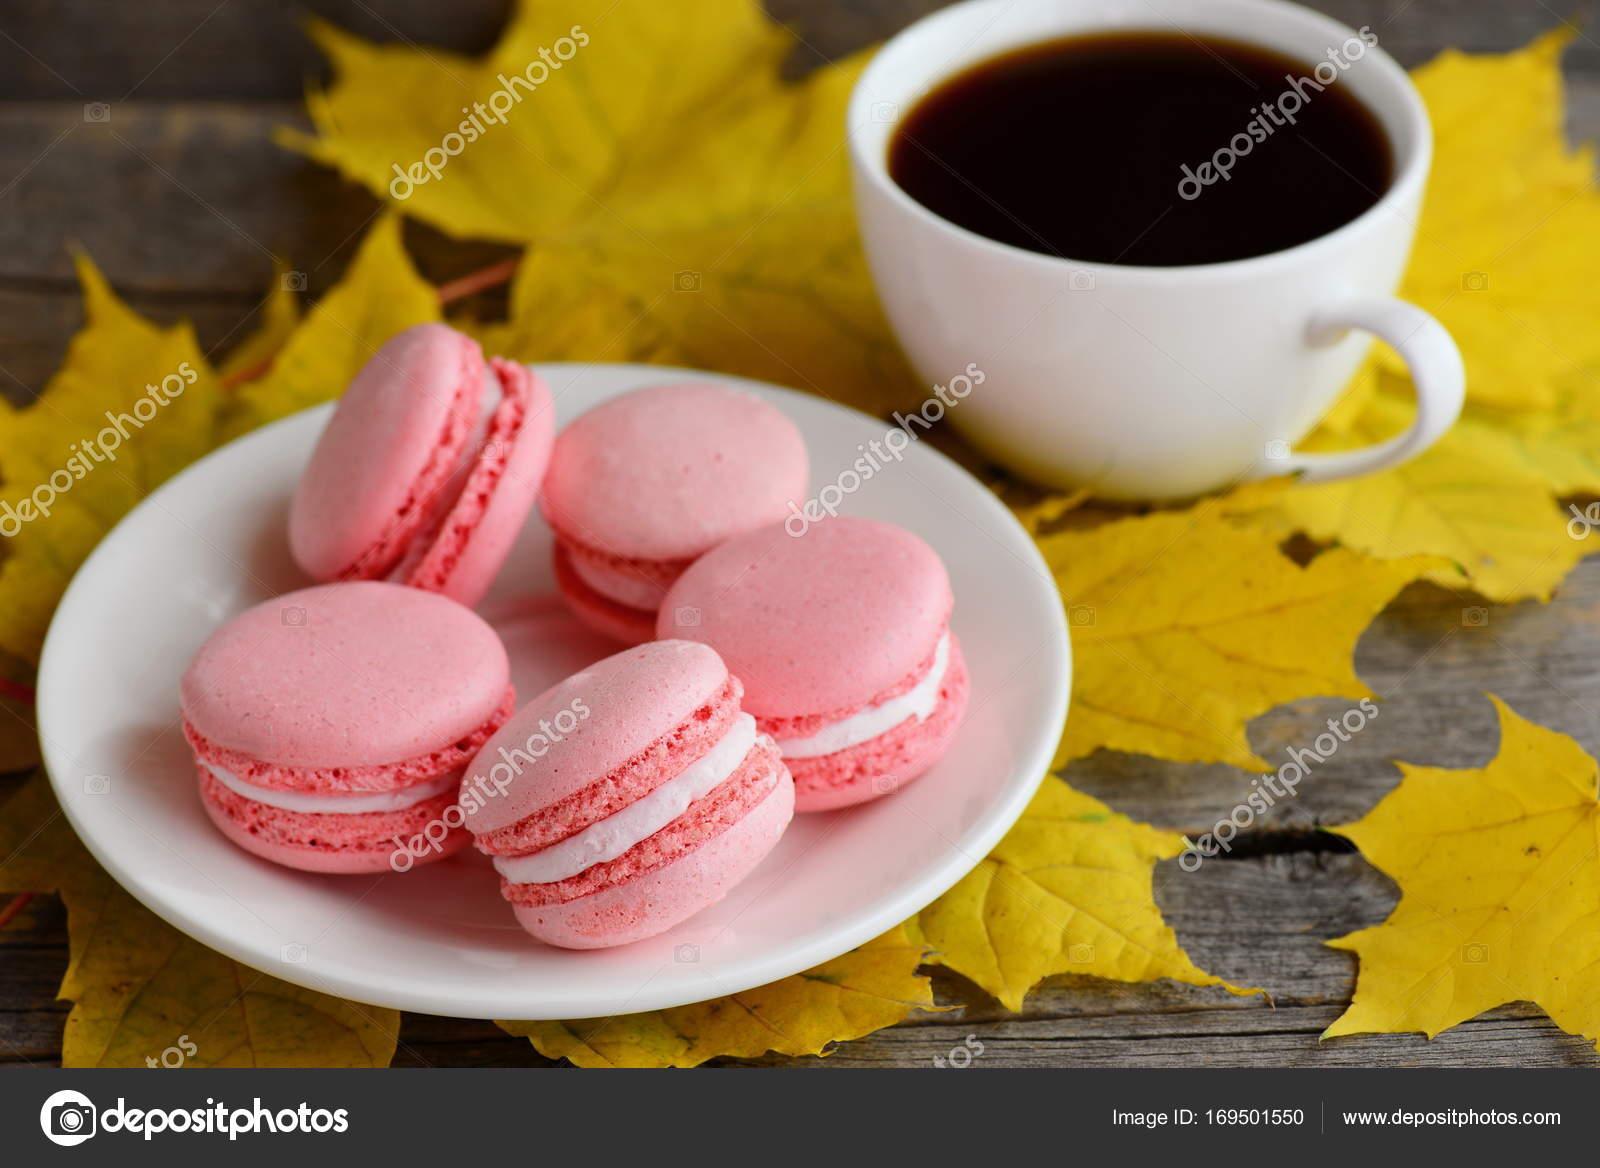 Süße Französische Macarons Leichte Rosa Makronen Auf Einem Weißen